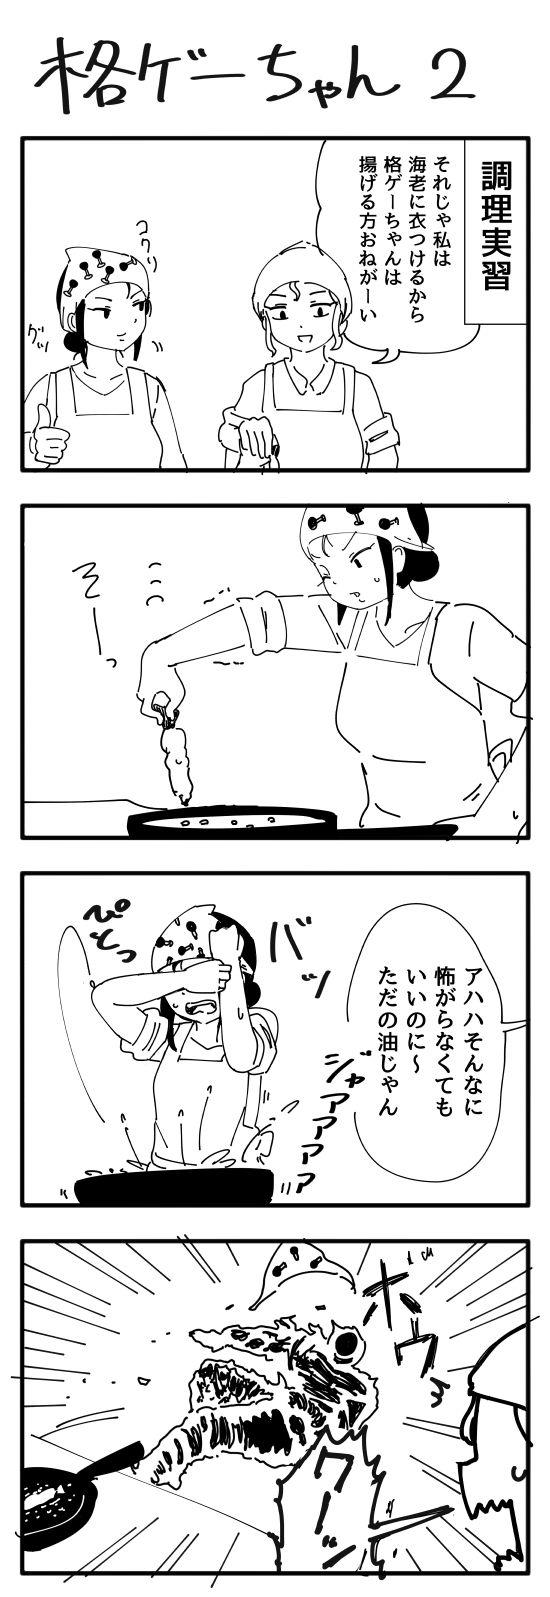 【4コマ漫画】格ゲーちゃん2 | オモコロ